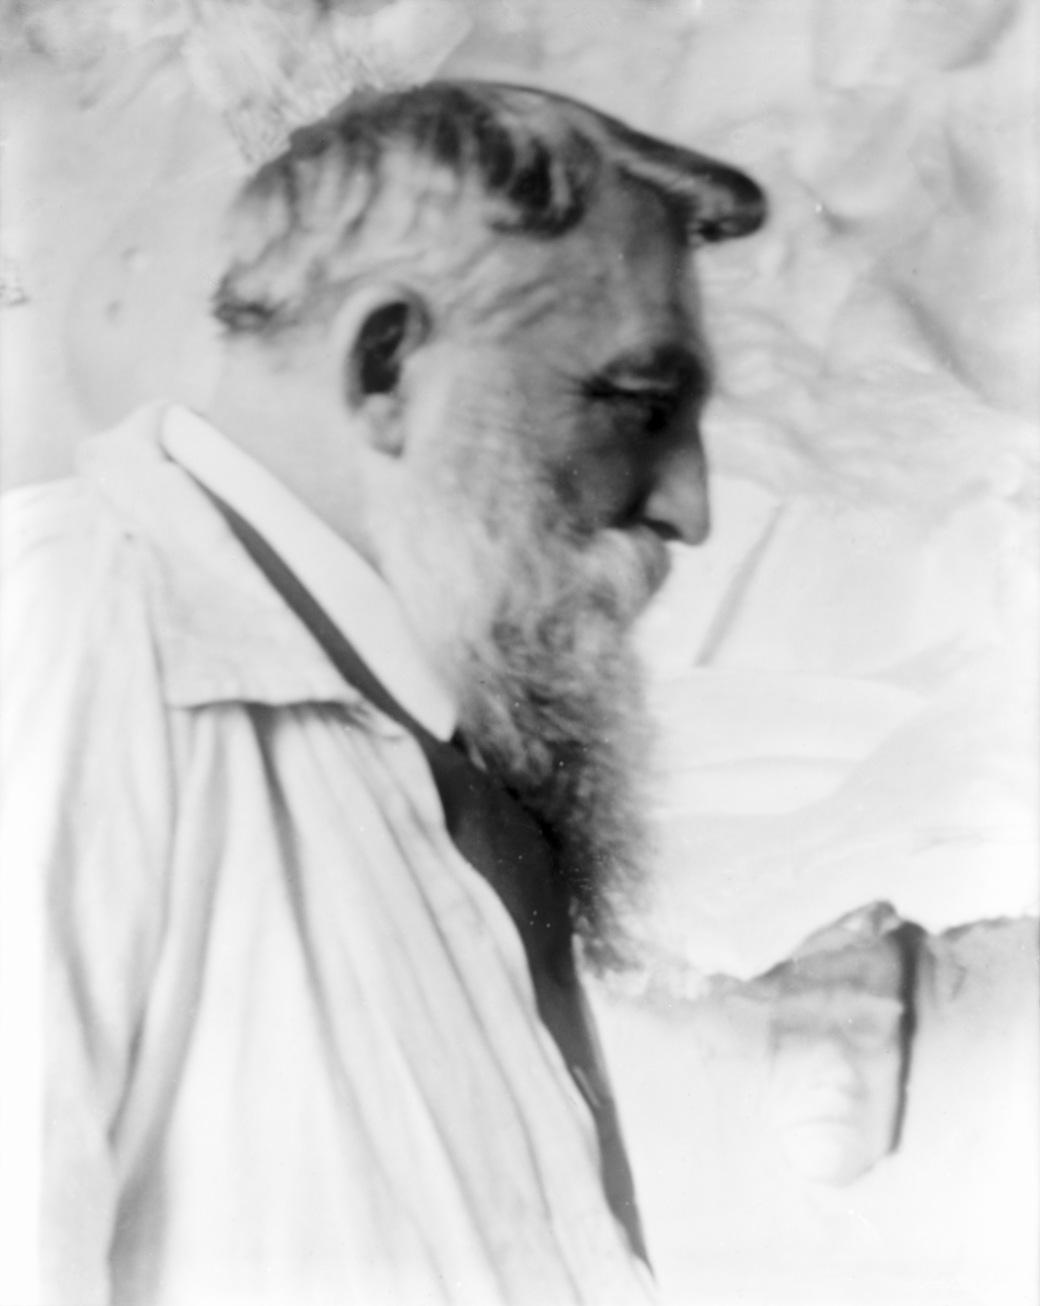 Auguste_Rodin_by_Gertrude_Käsebier,_1905